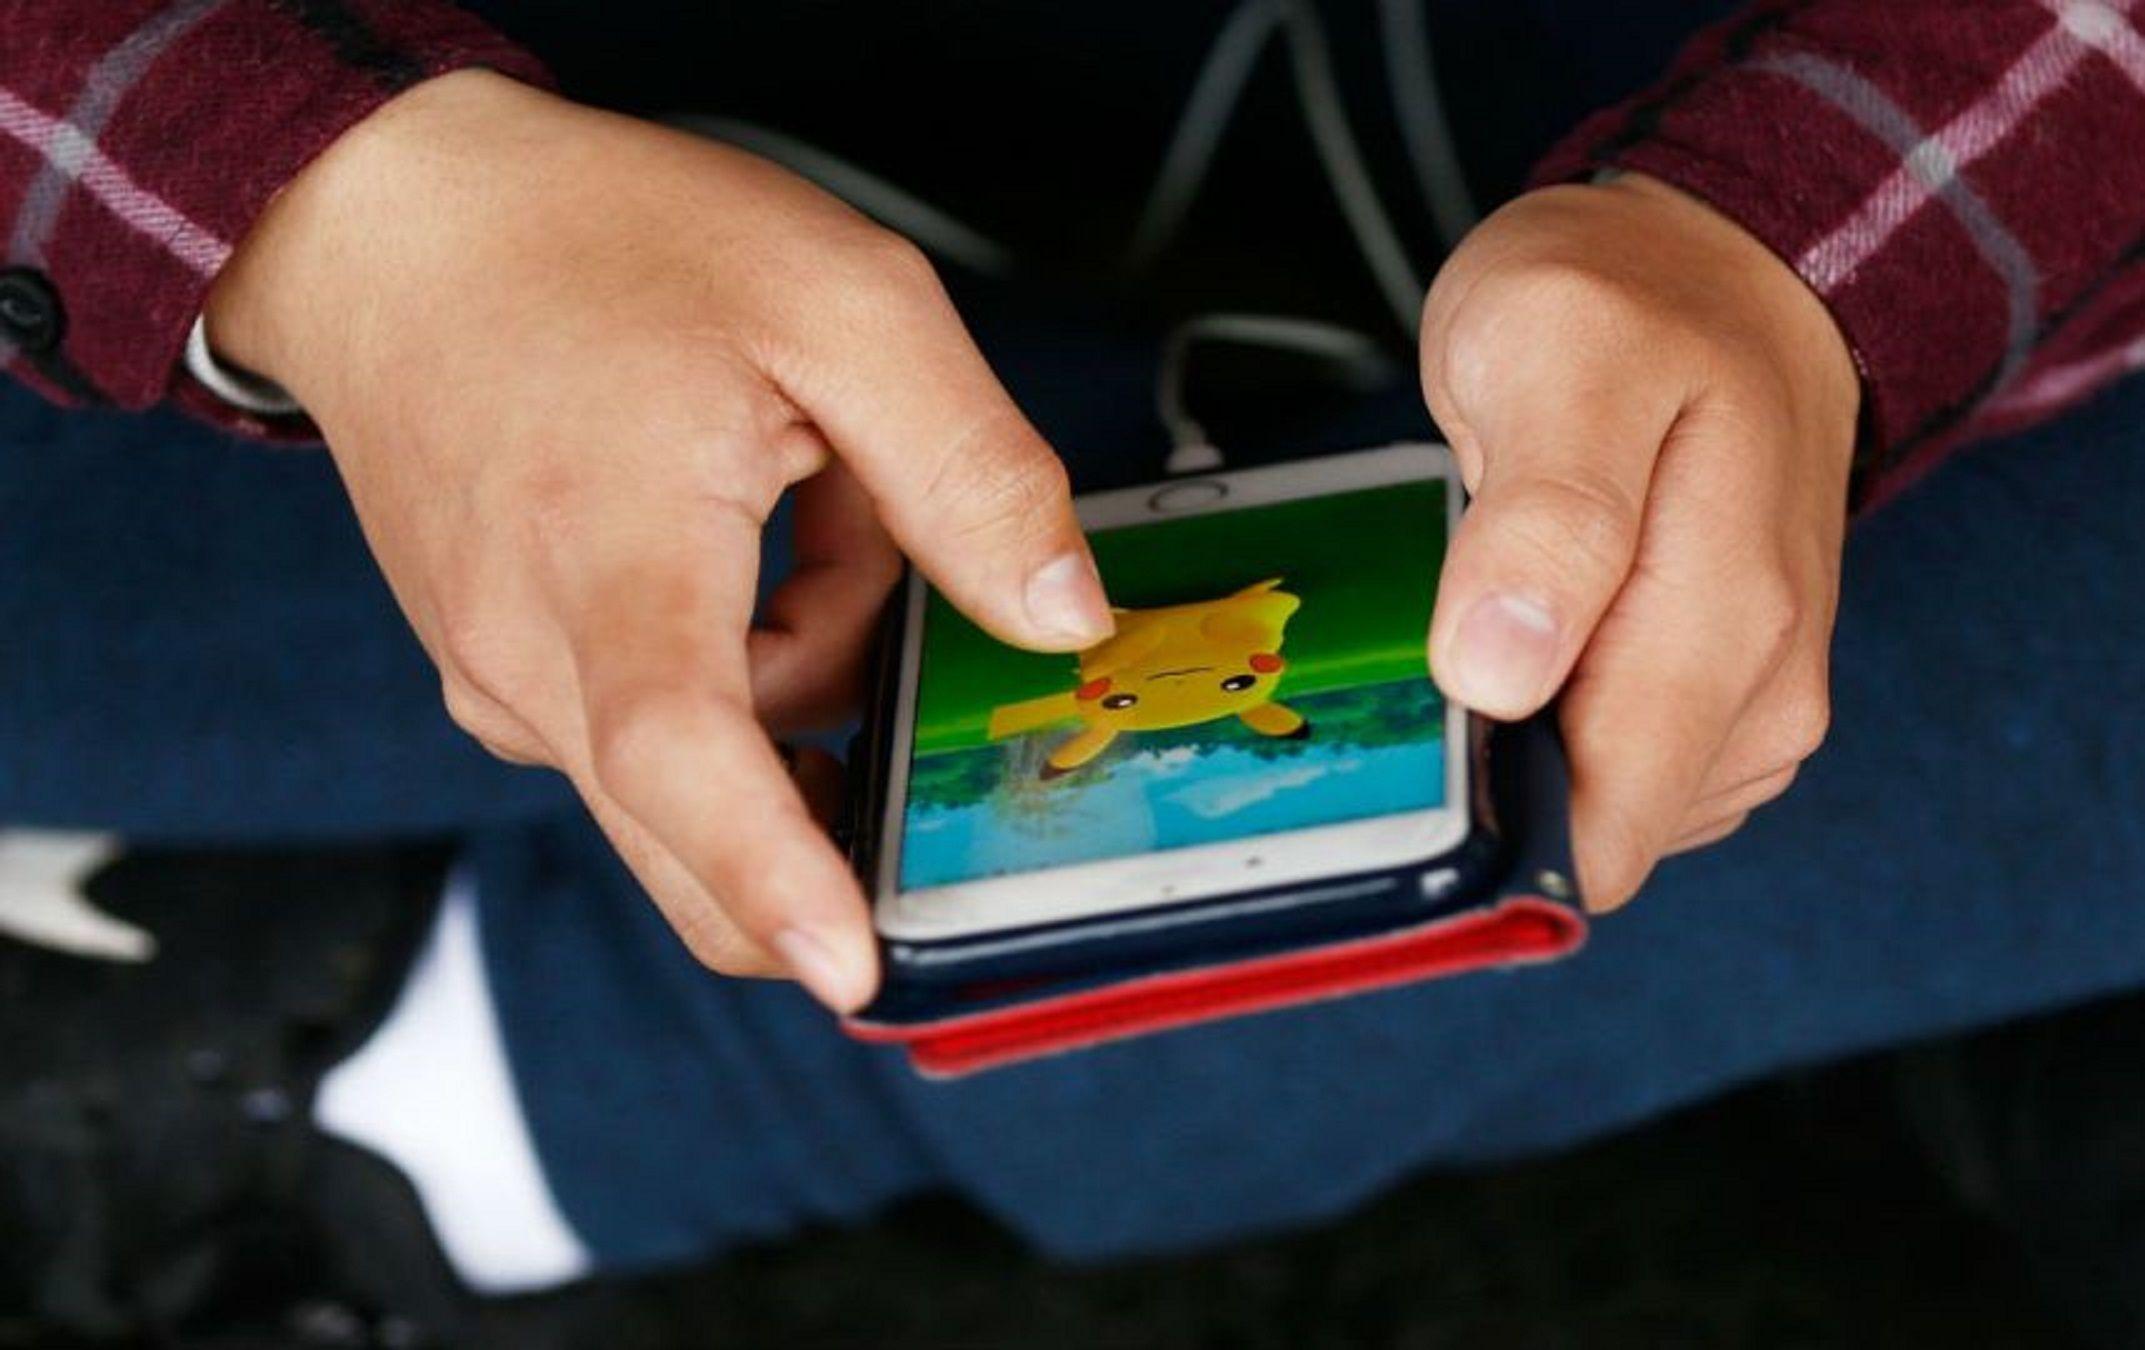 Escuelas porteñas podrían sancionar a chicos por jugar Pokémon Go